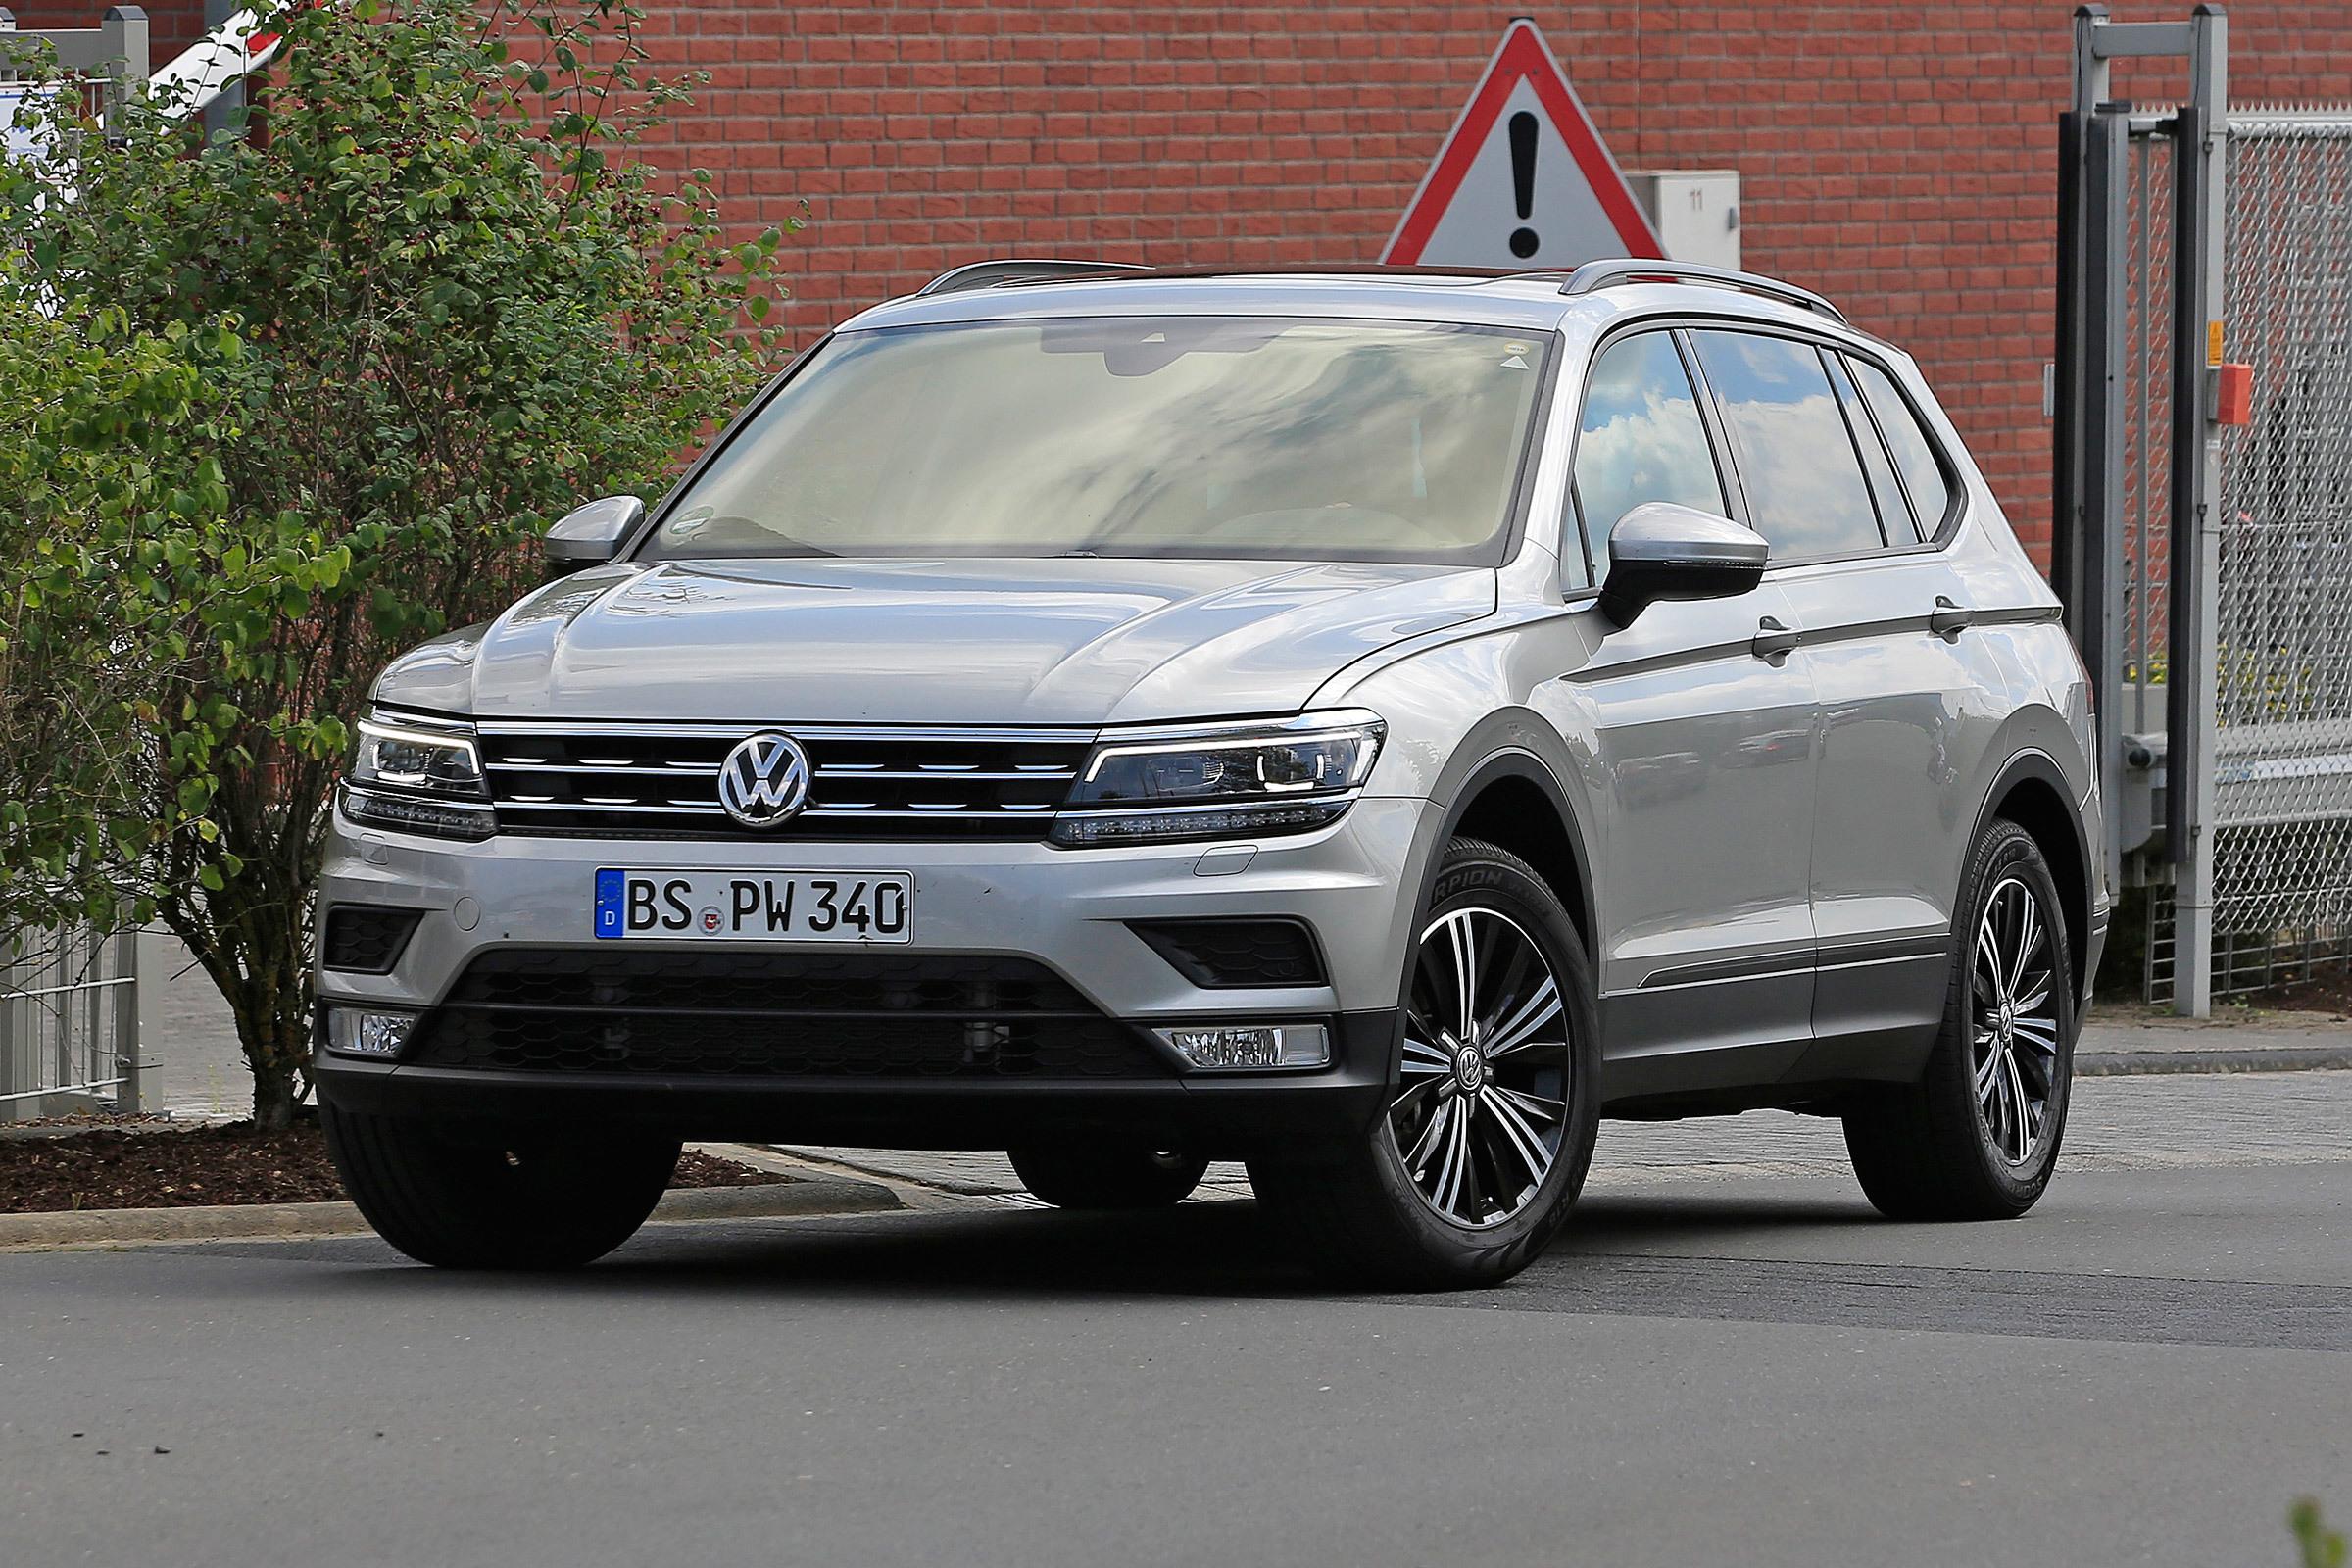 Volkswagen Tiguan LX